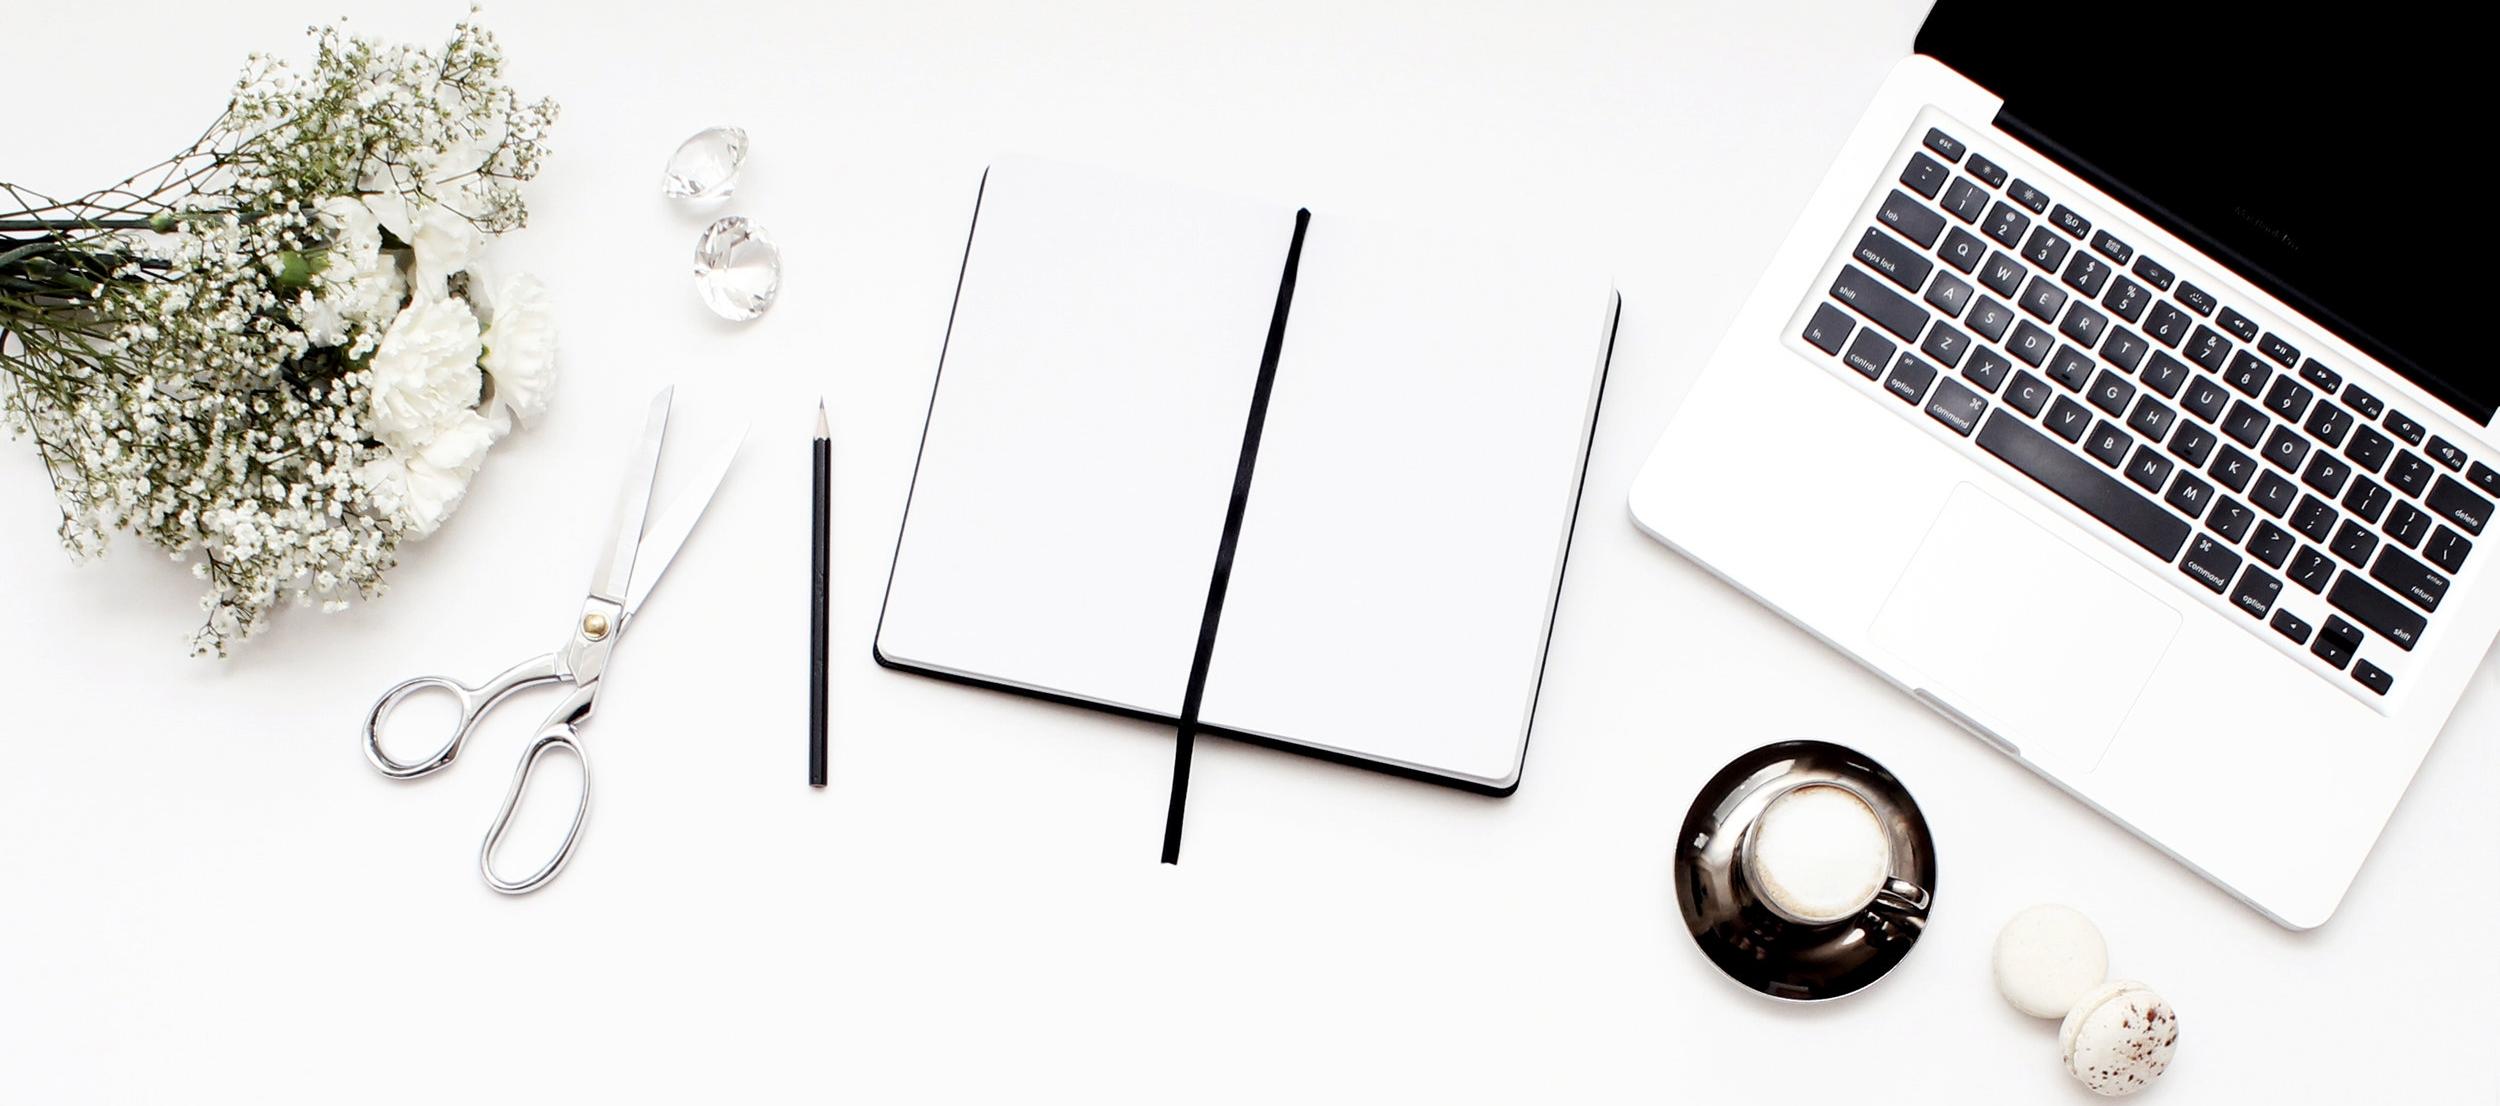 Essentials-Header Image-1.jpg